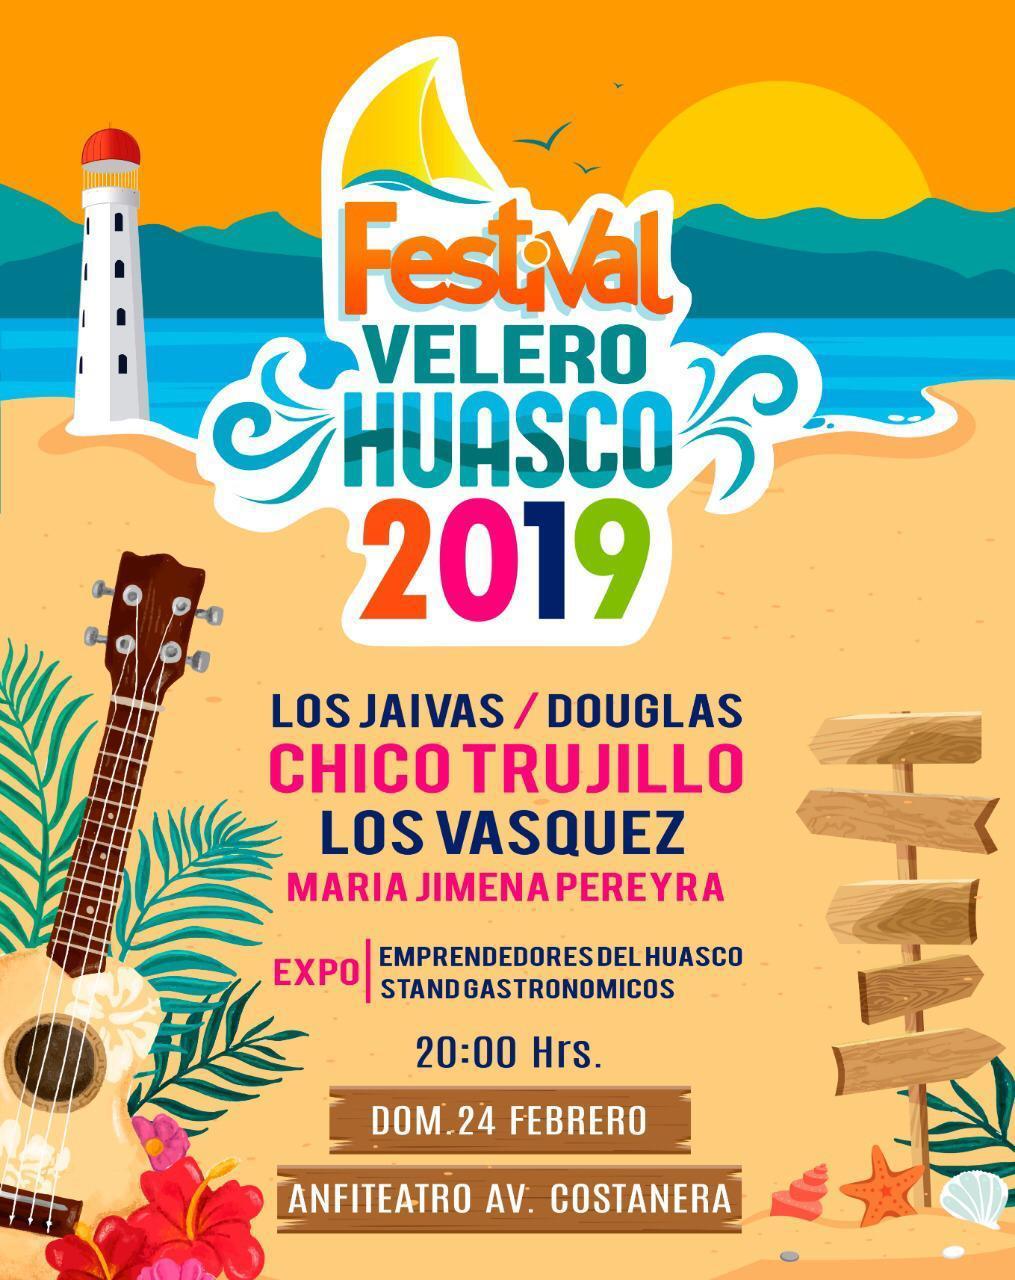 Huasco realizará el Festival El Velero 2019